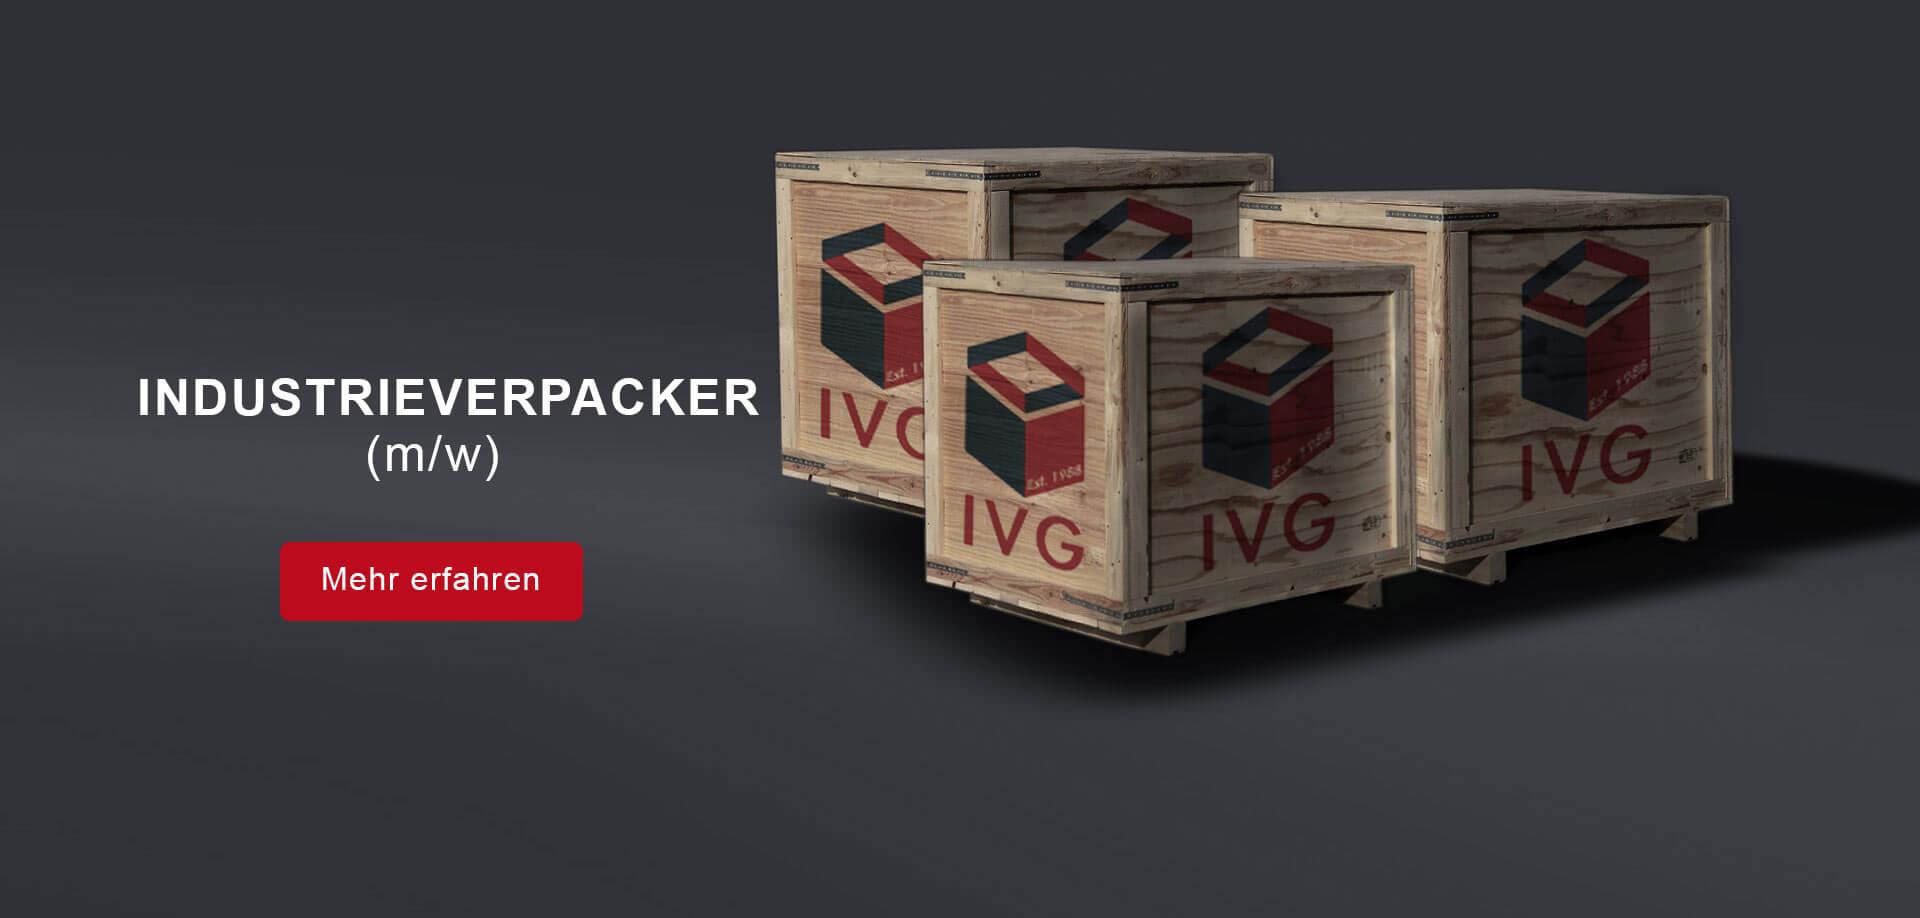 IVG-Industrieverpackung-GmbH-Holz-kisten-Industrieverpacker-Jobs(1)